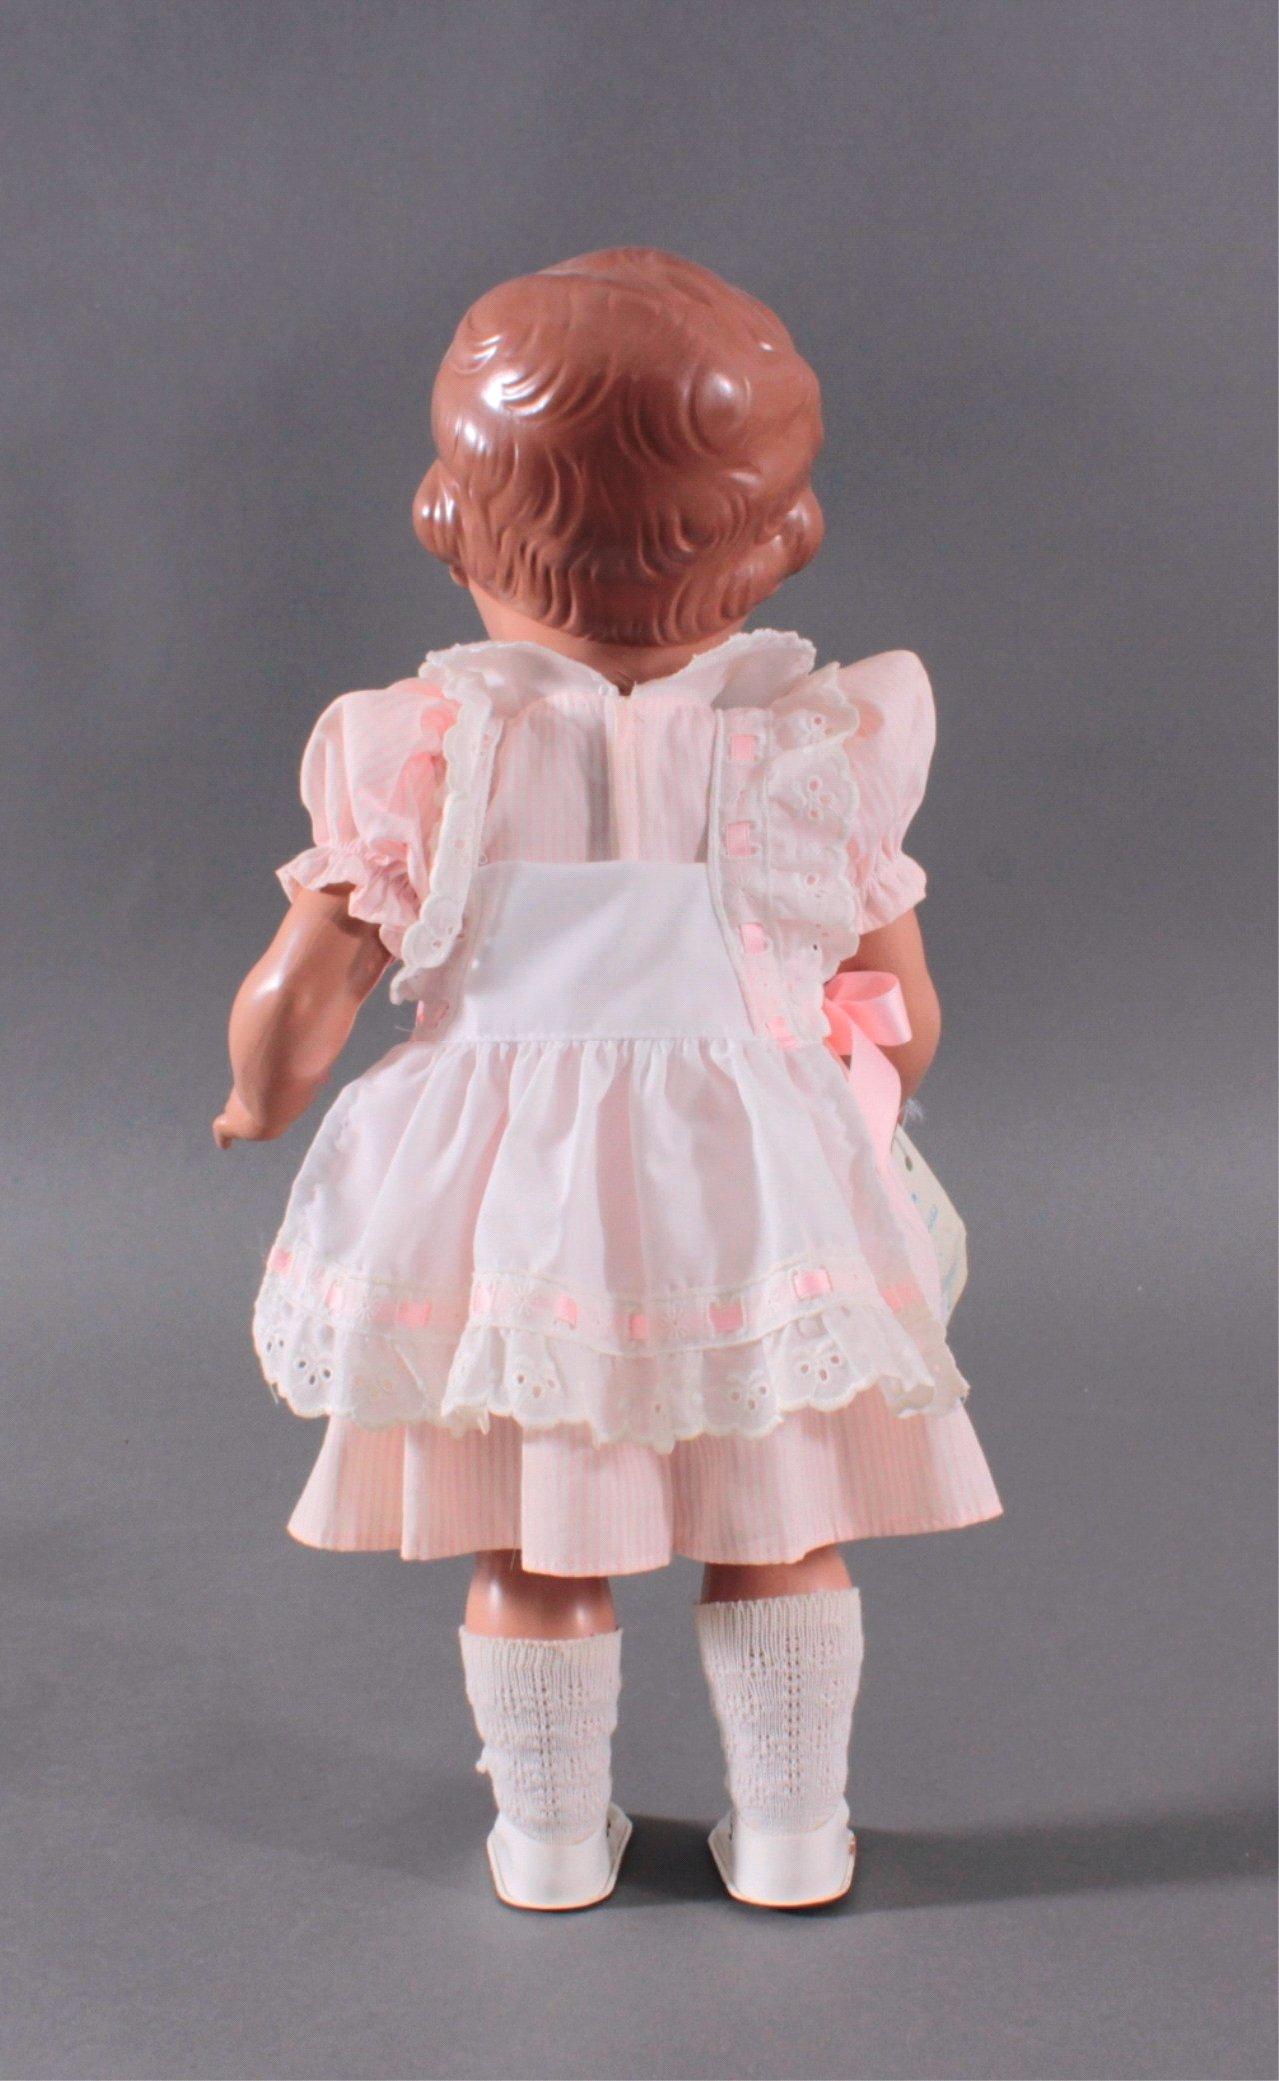 Schildkröt-Puppe Erika-1